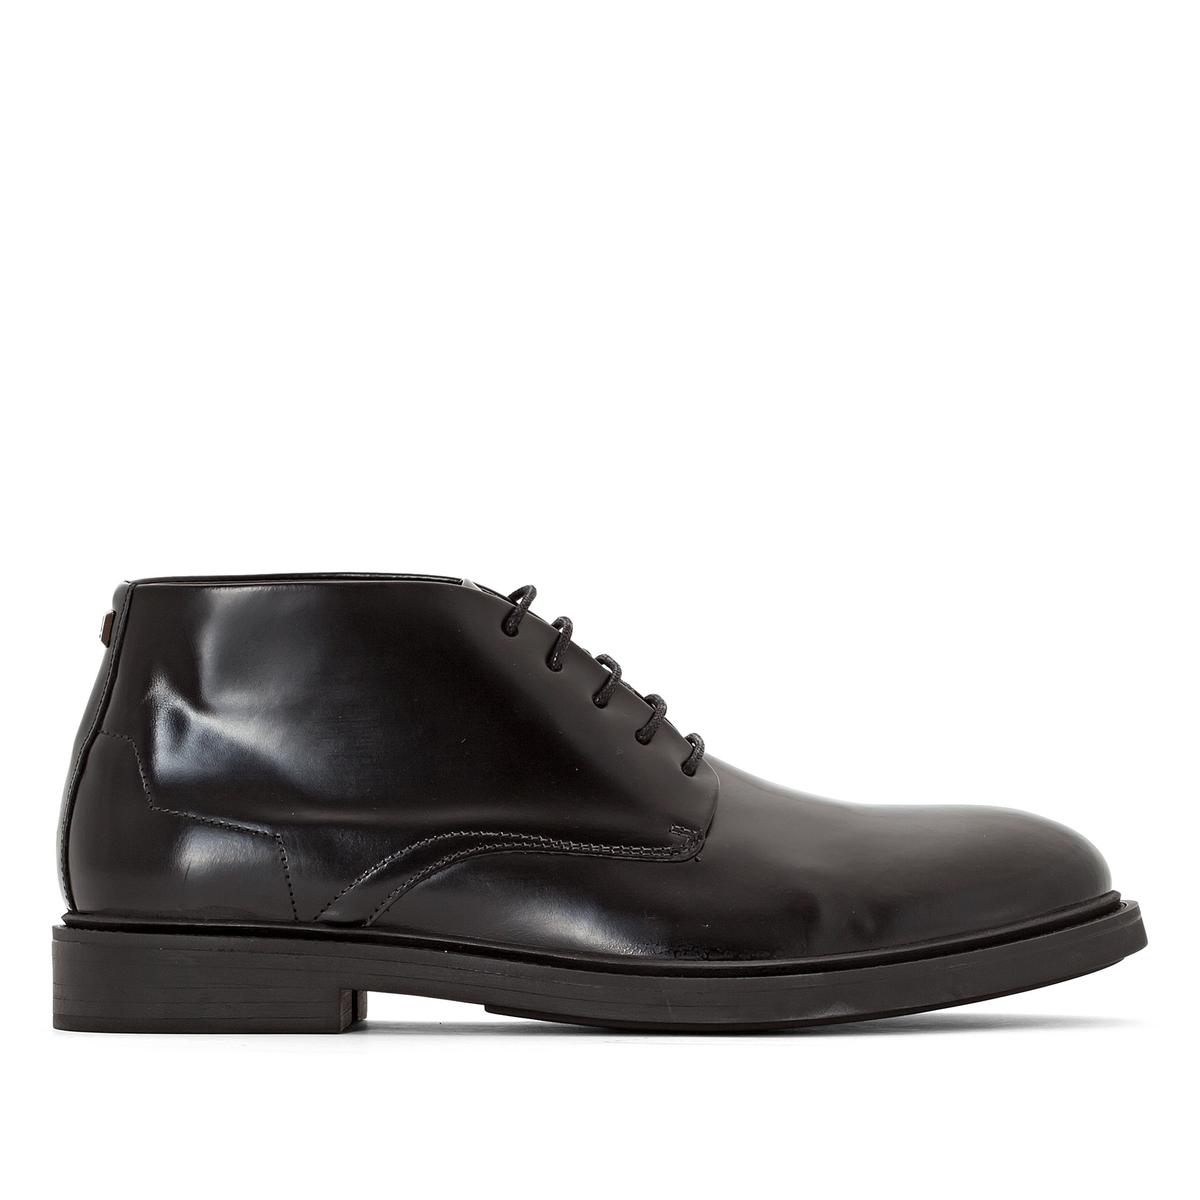 Ботильоны ALIOUПодкладка : Кожа и текстиль Стелька : текстиль.   Подошва : из эластомера.   Форма каблука : Плоский каблук   Носок : Закругленный.    Застежка : шнуровка.<br><br>Цвет: черный